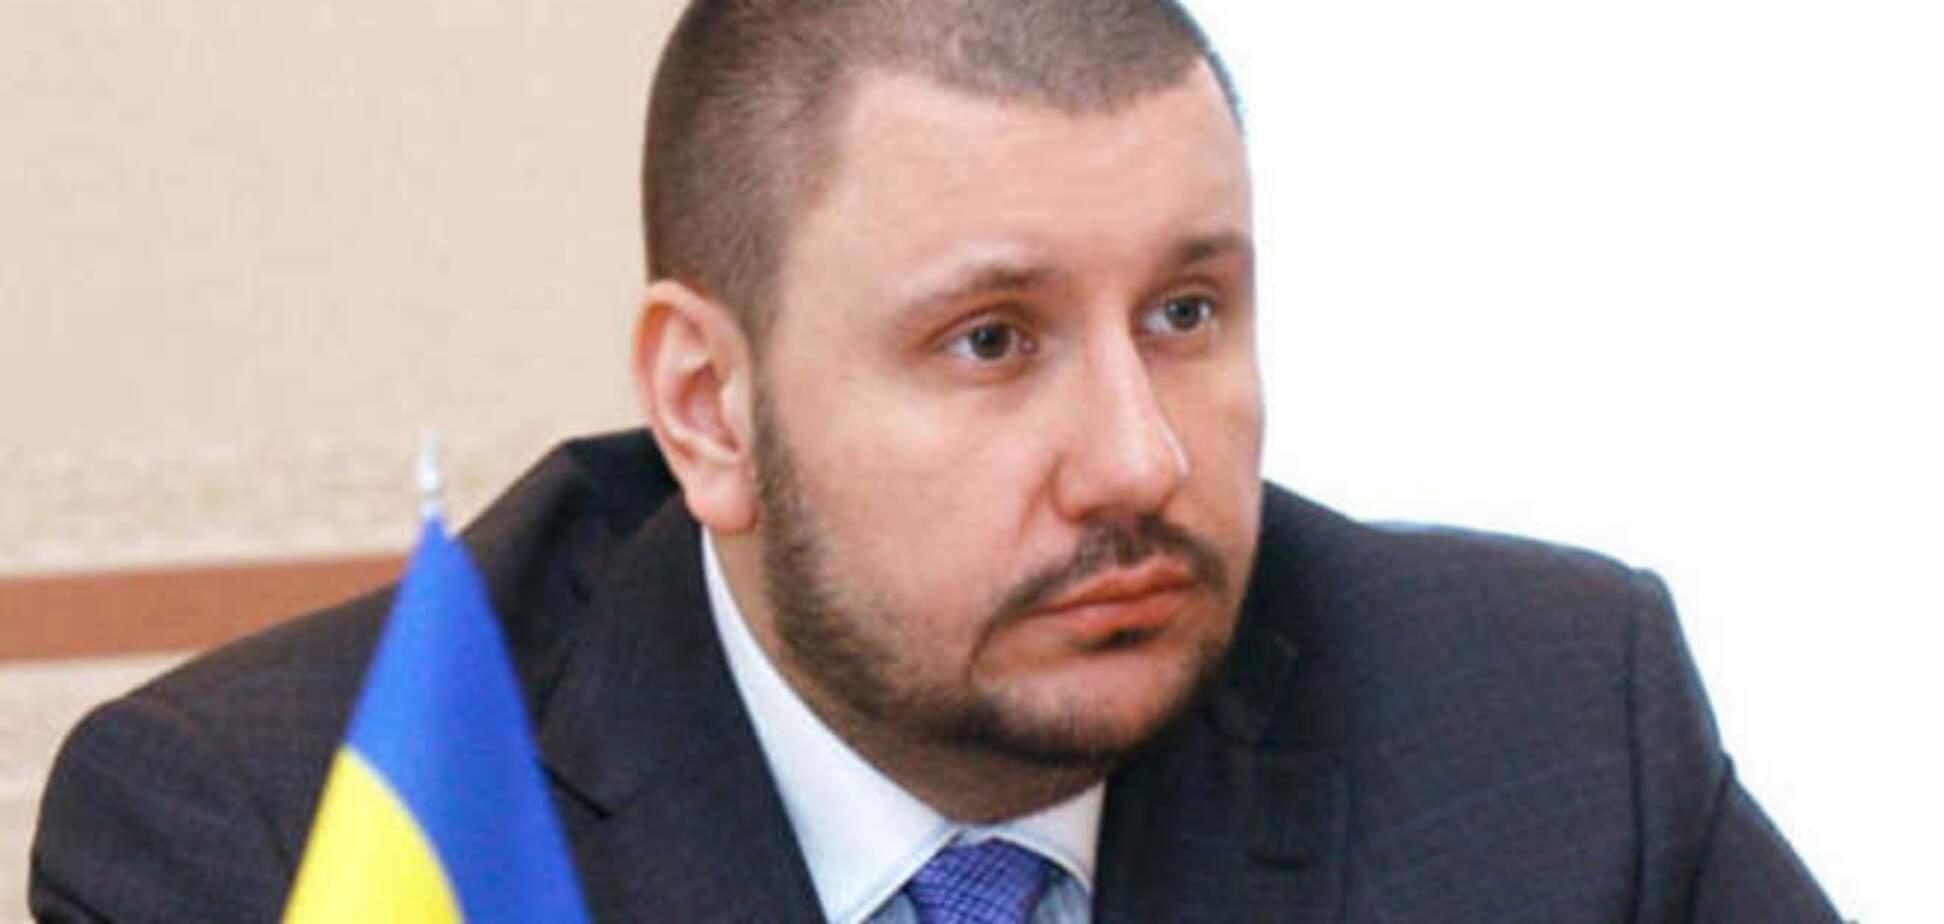 От сокращающихся инвестиций Украина теряет больше, чем приобретает от кредитов - Клименко